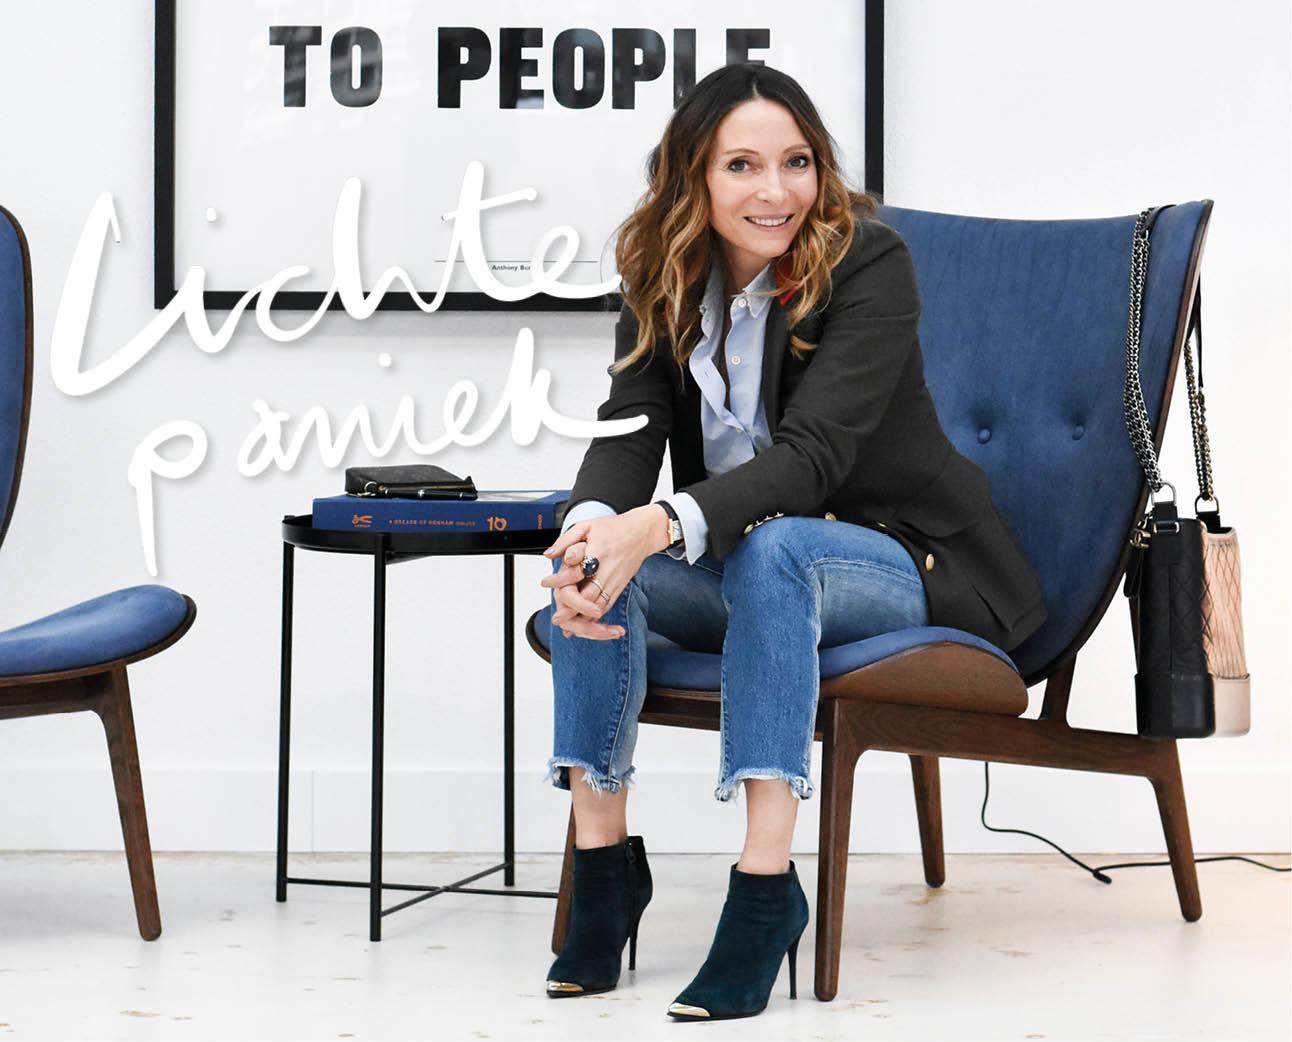 May-britt lachend op een blauwe stoel hoofdkantoor Denham in Amsterdam jeans met hoge hakken lachend